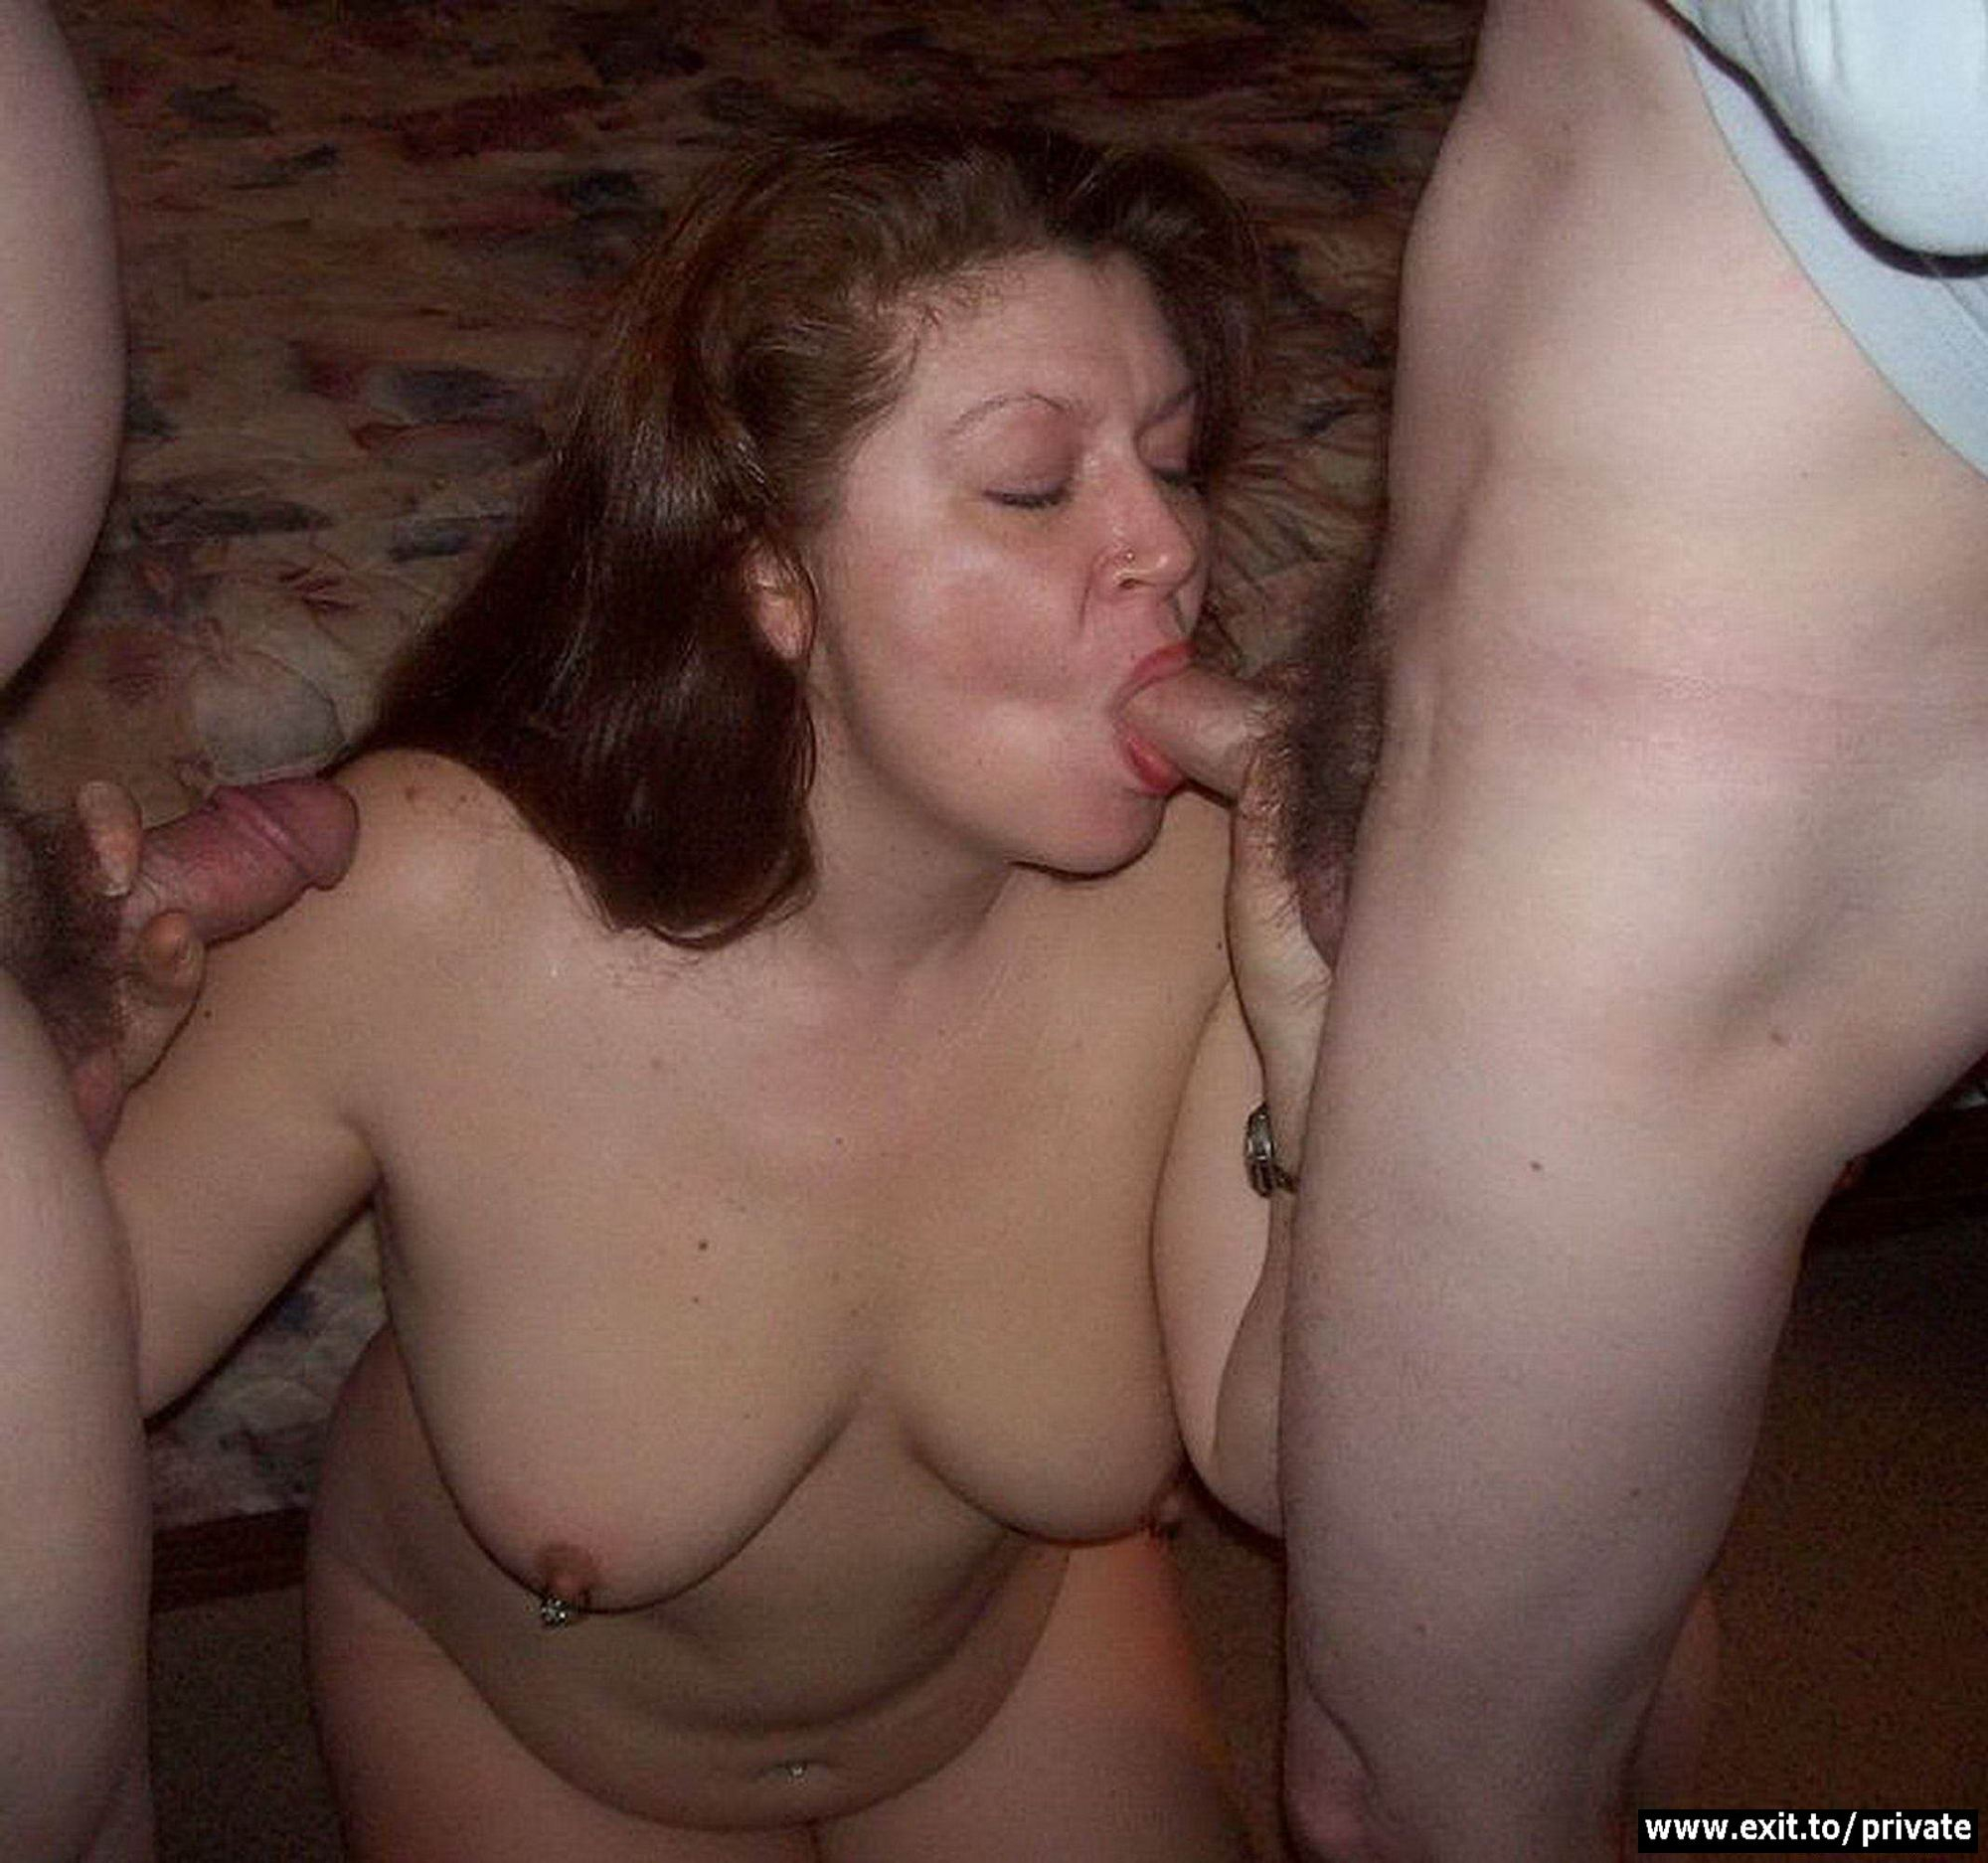 Русское порно кончил в рот невынимая 7 фотография